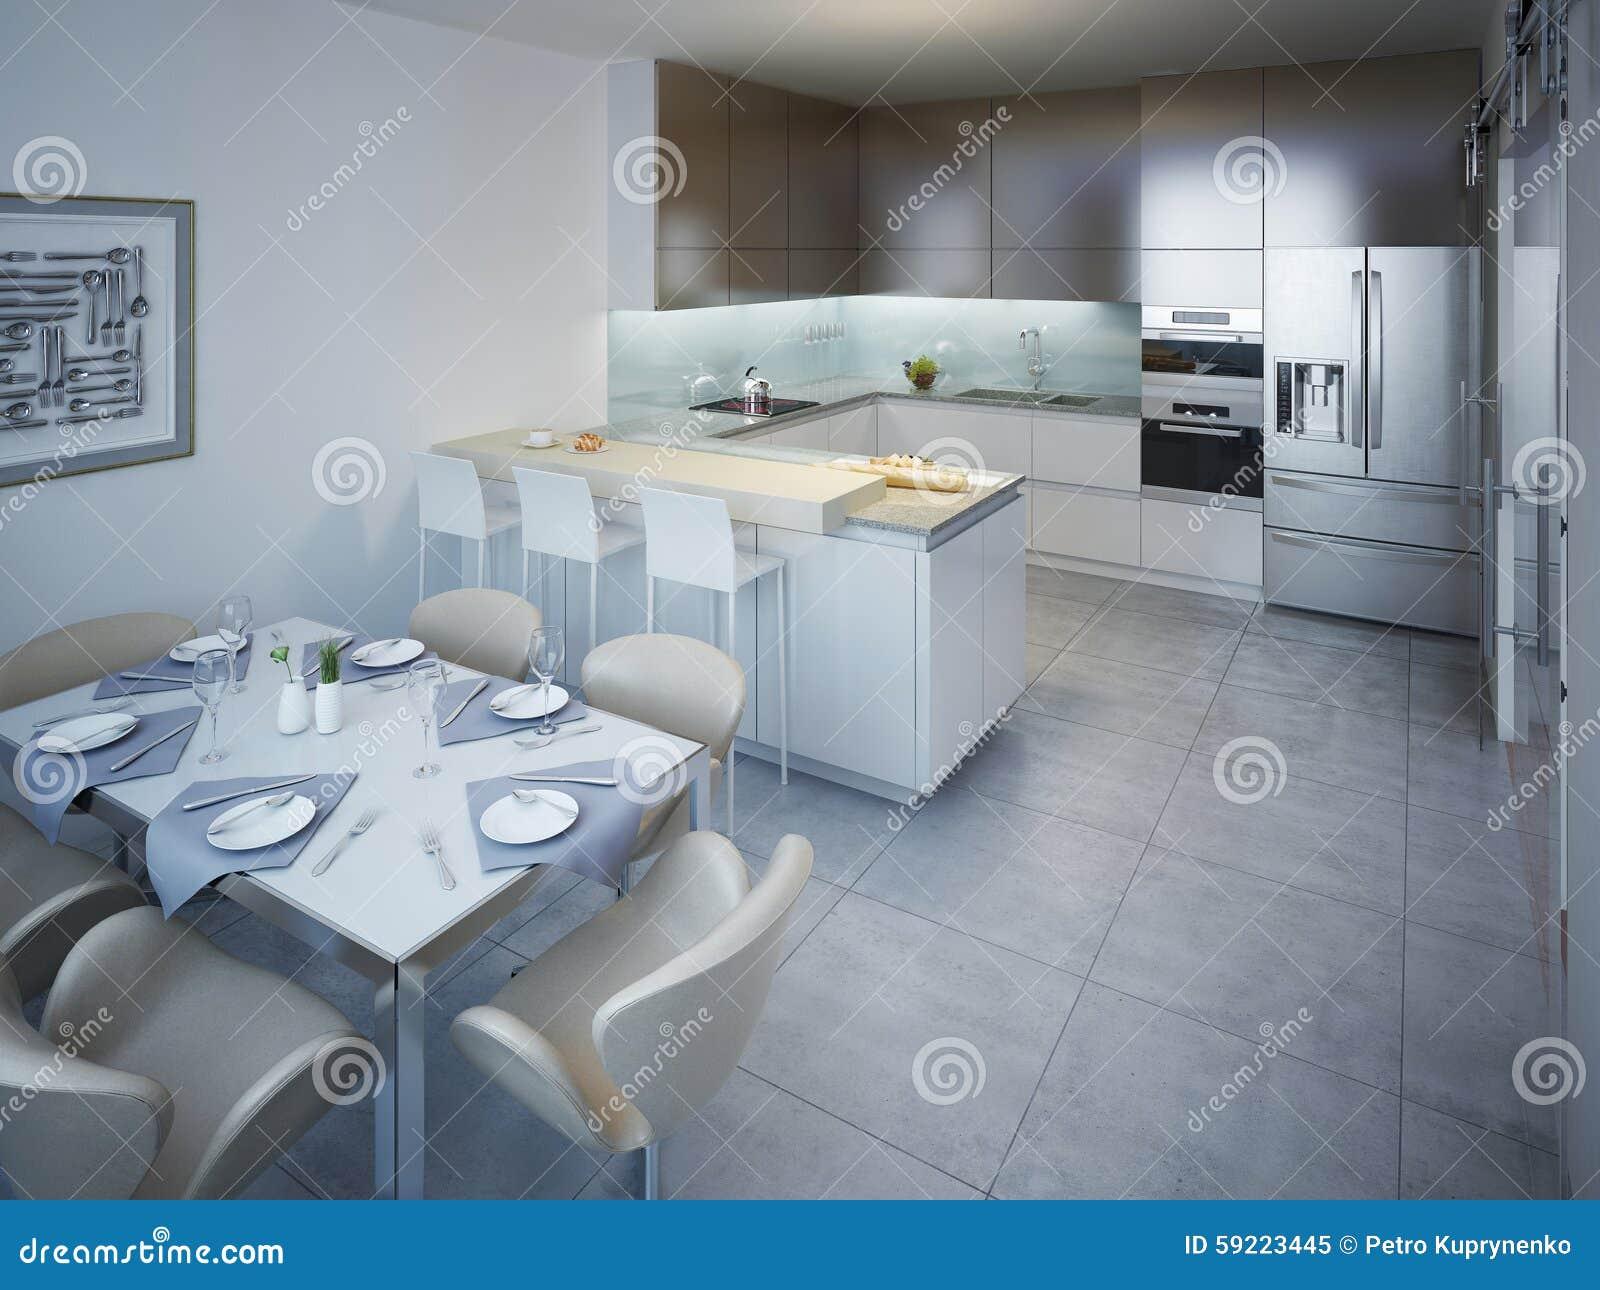 Witte Minimalistische Woonkeuken : Idee van minimalistische keuken met bar stock afbeelding